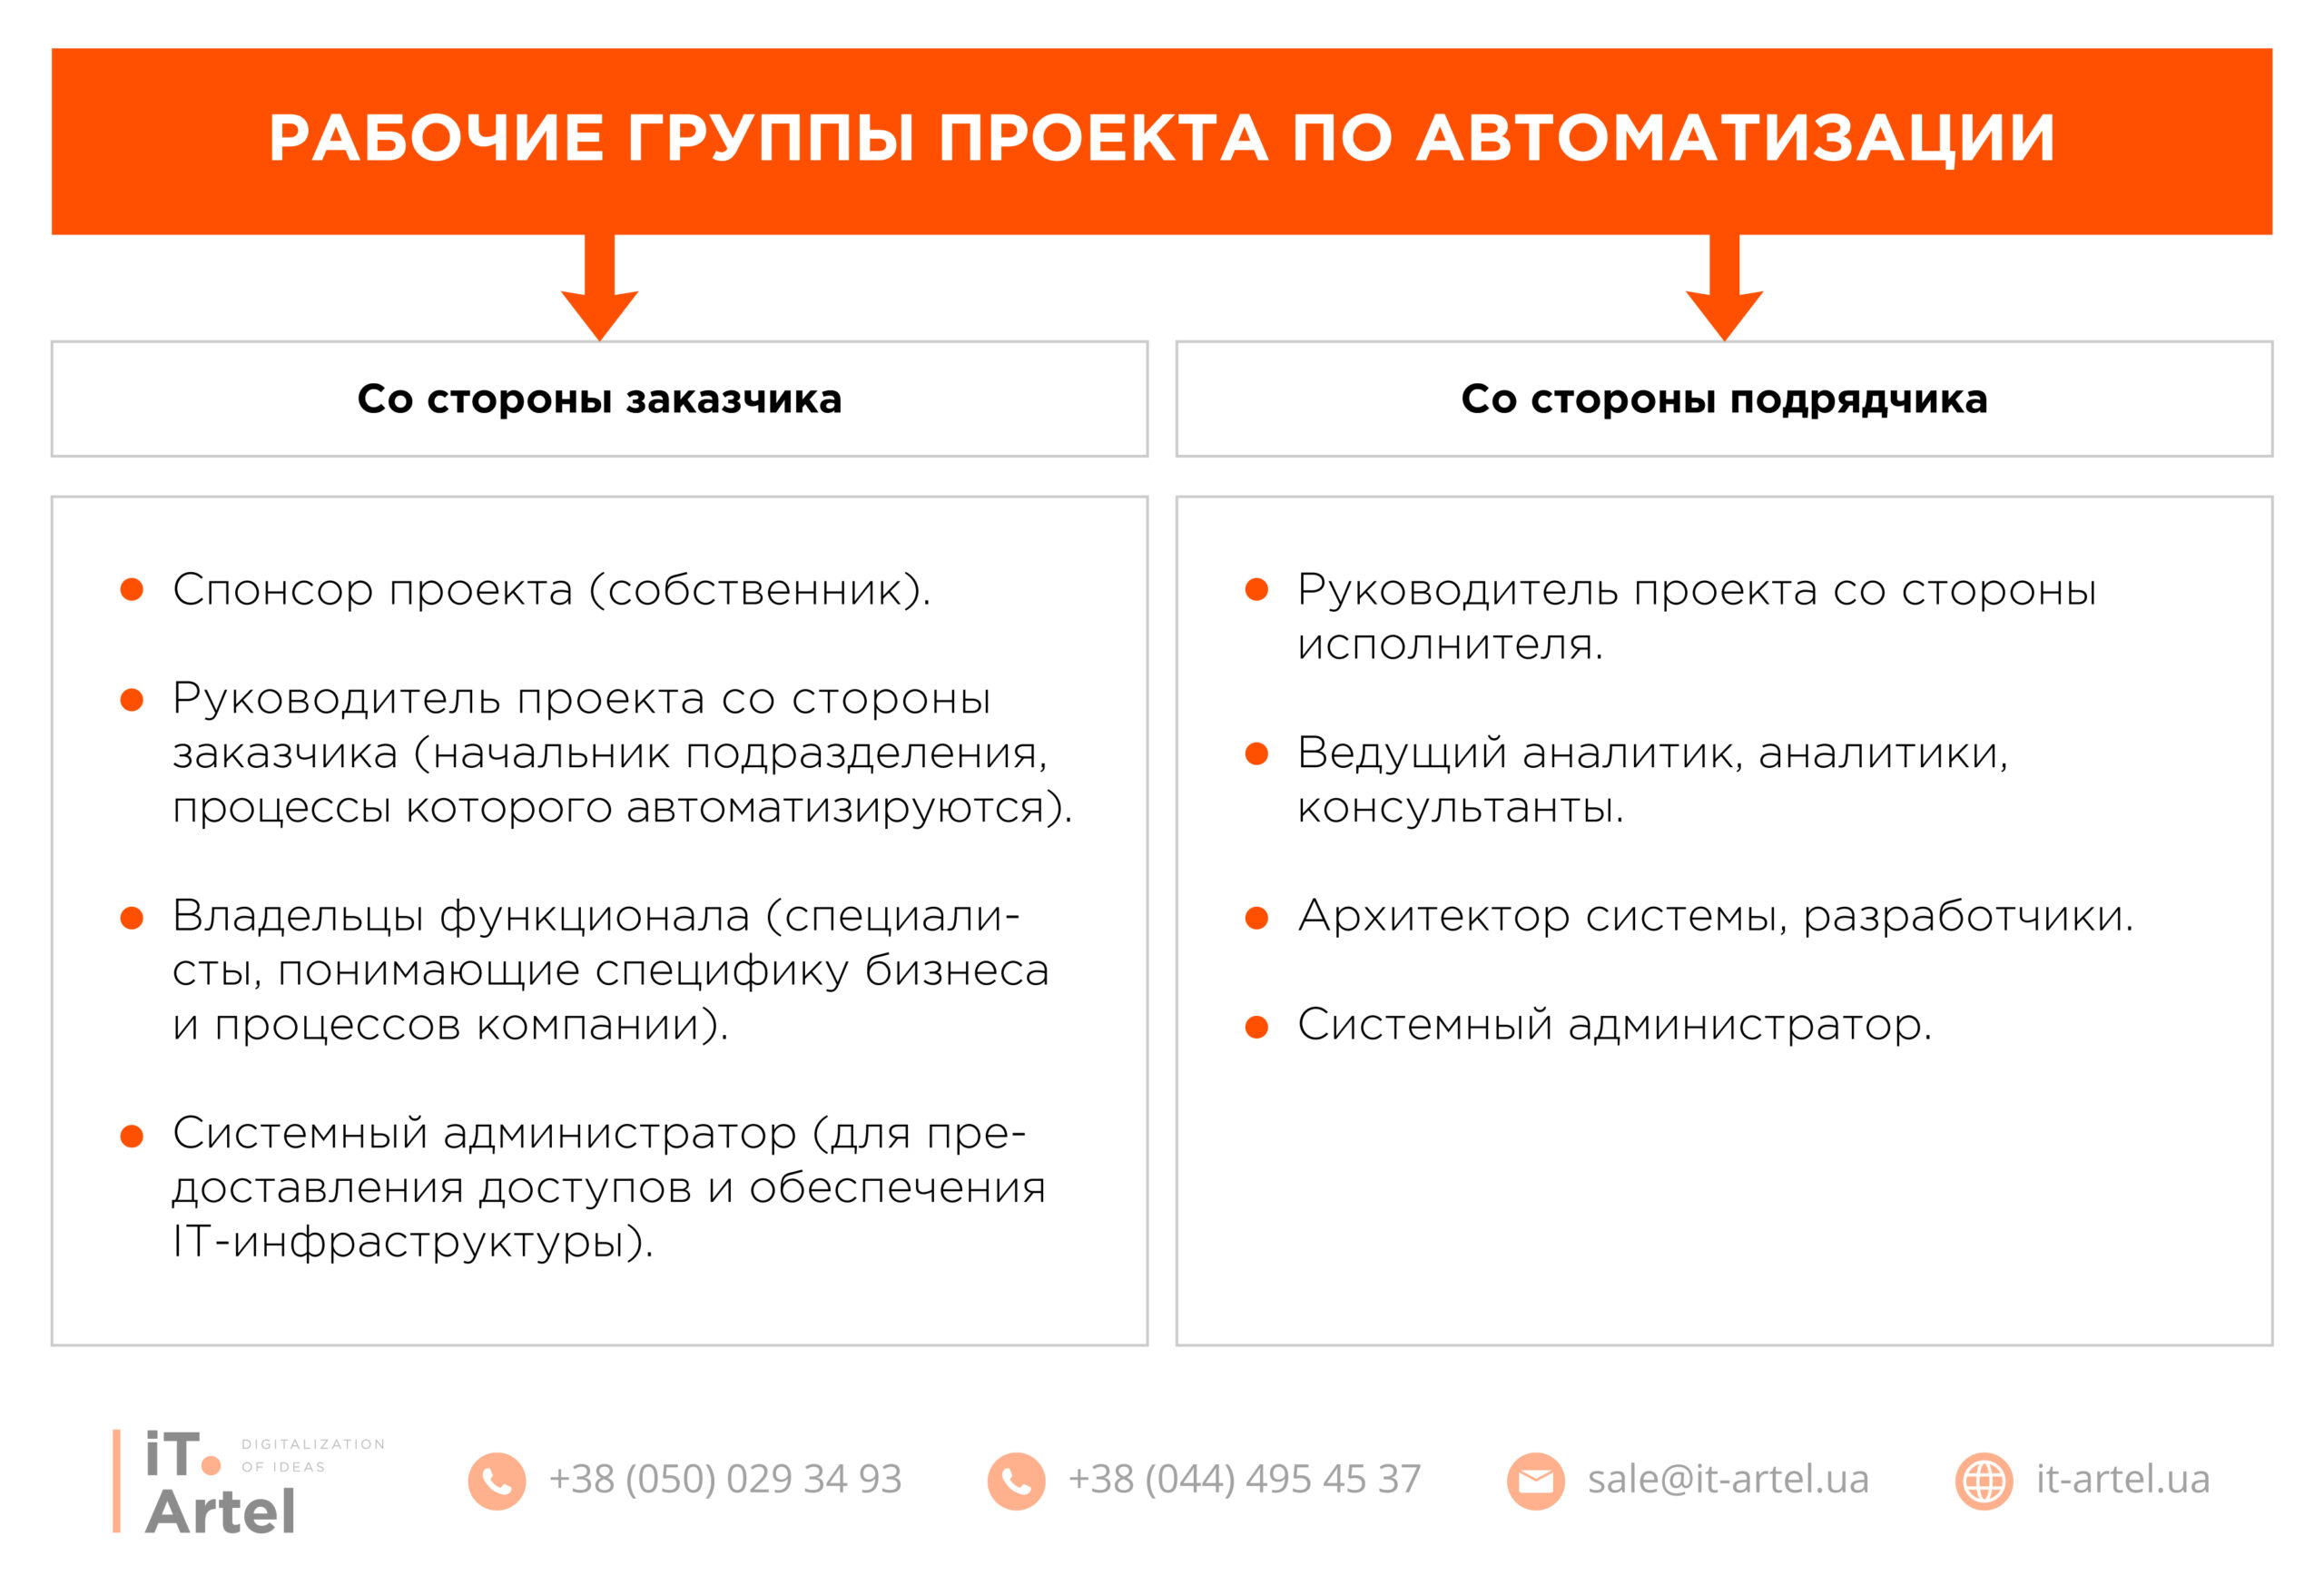 Рабочие группы с проекта автоматизации со стороны заказчика и подрядчика_iT.Artel